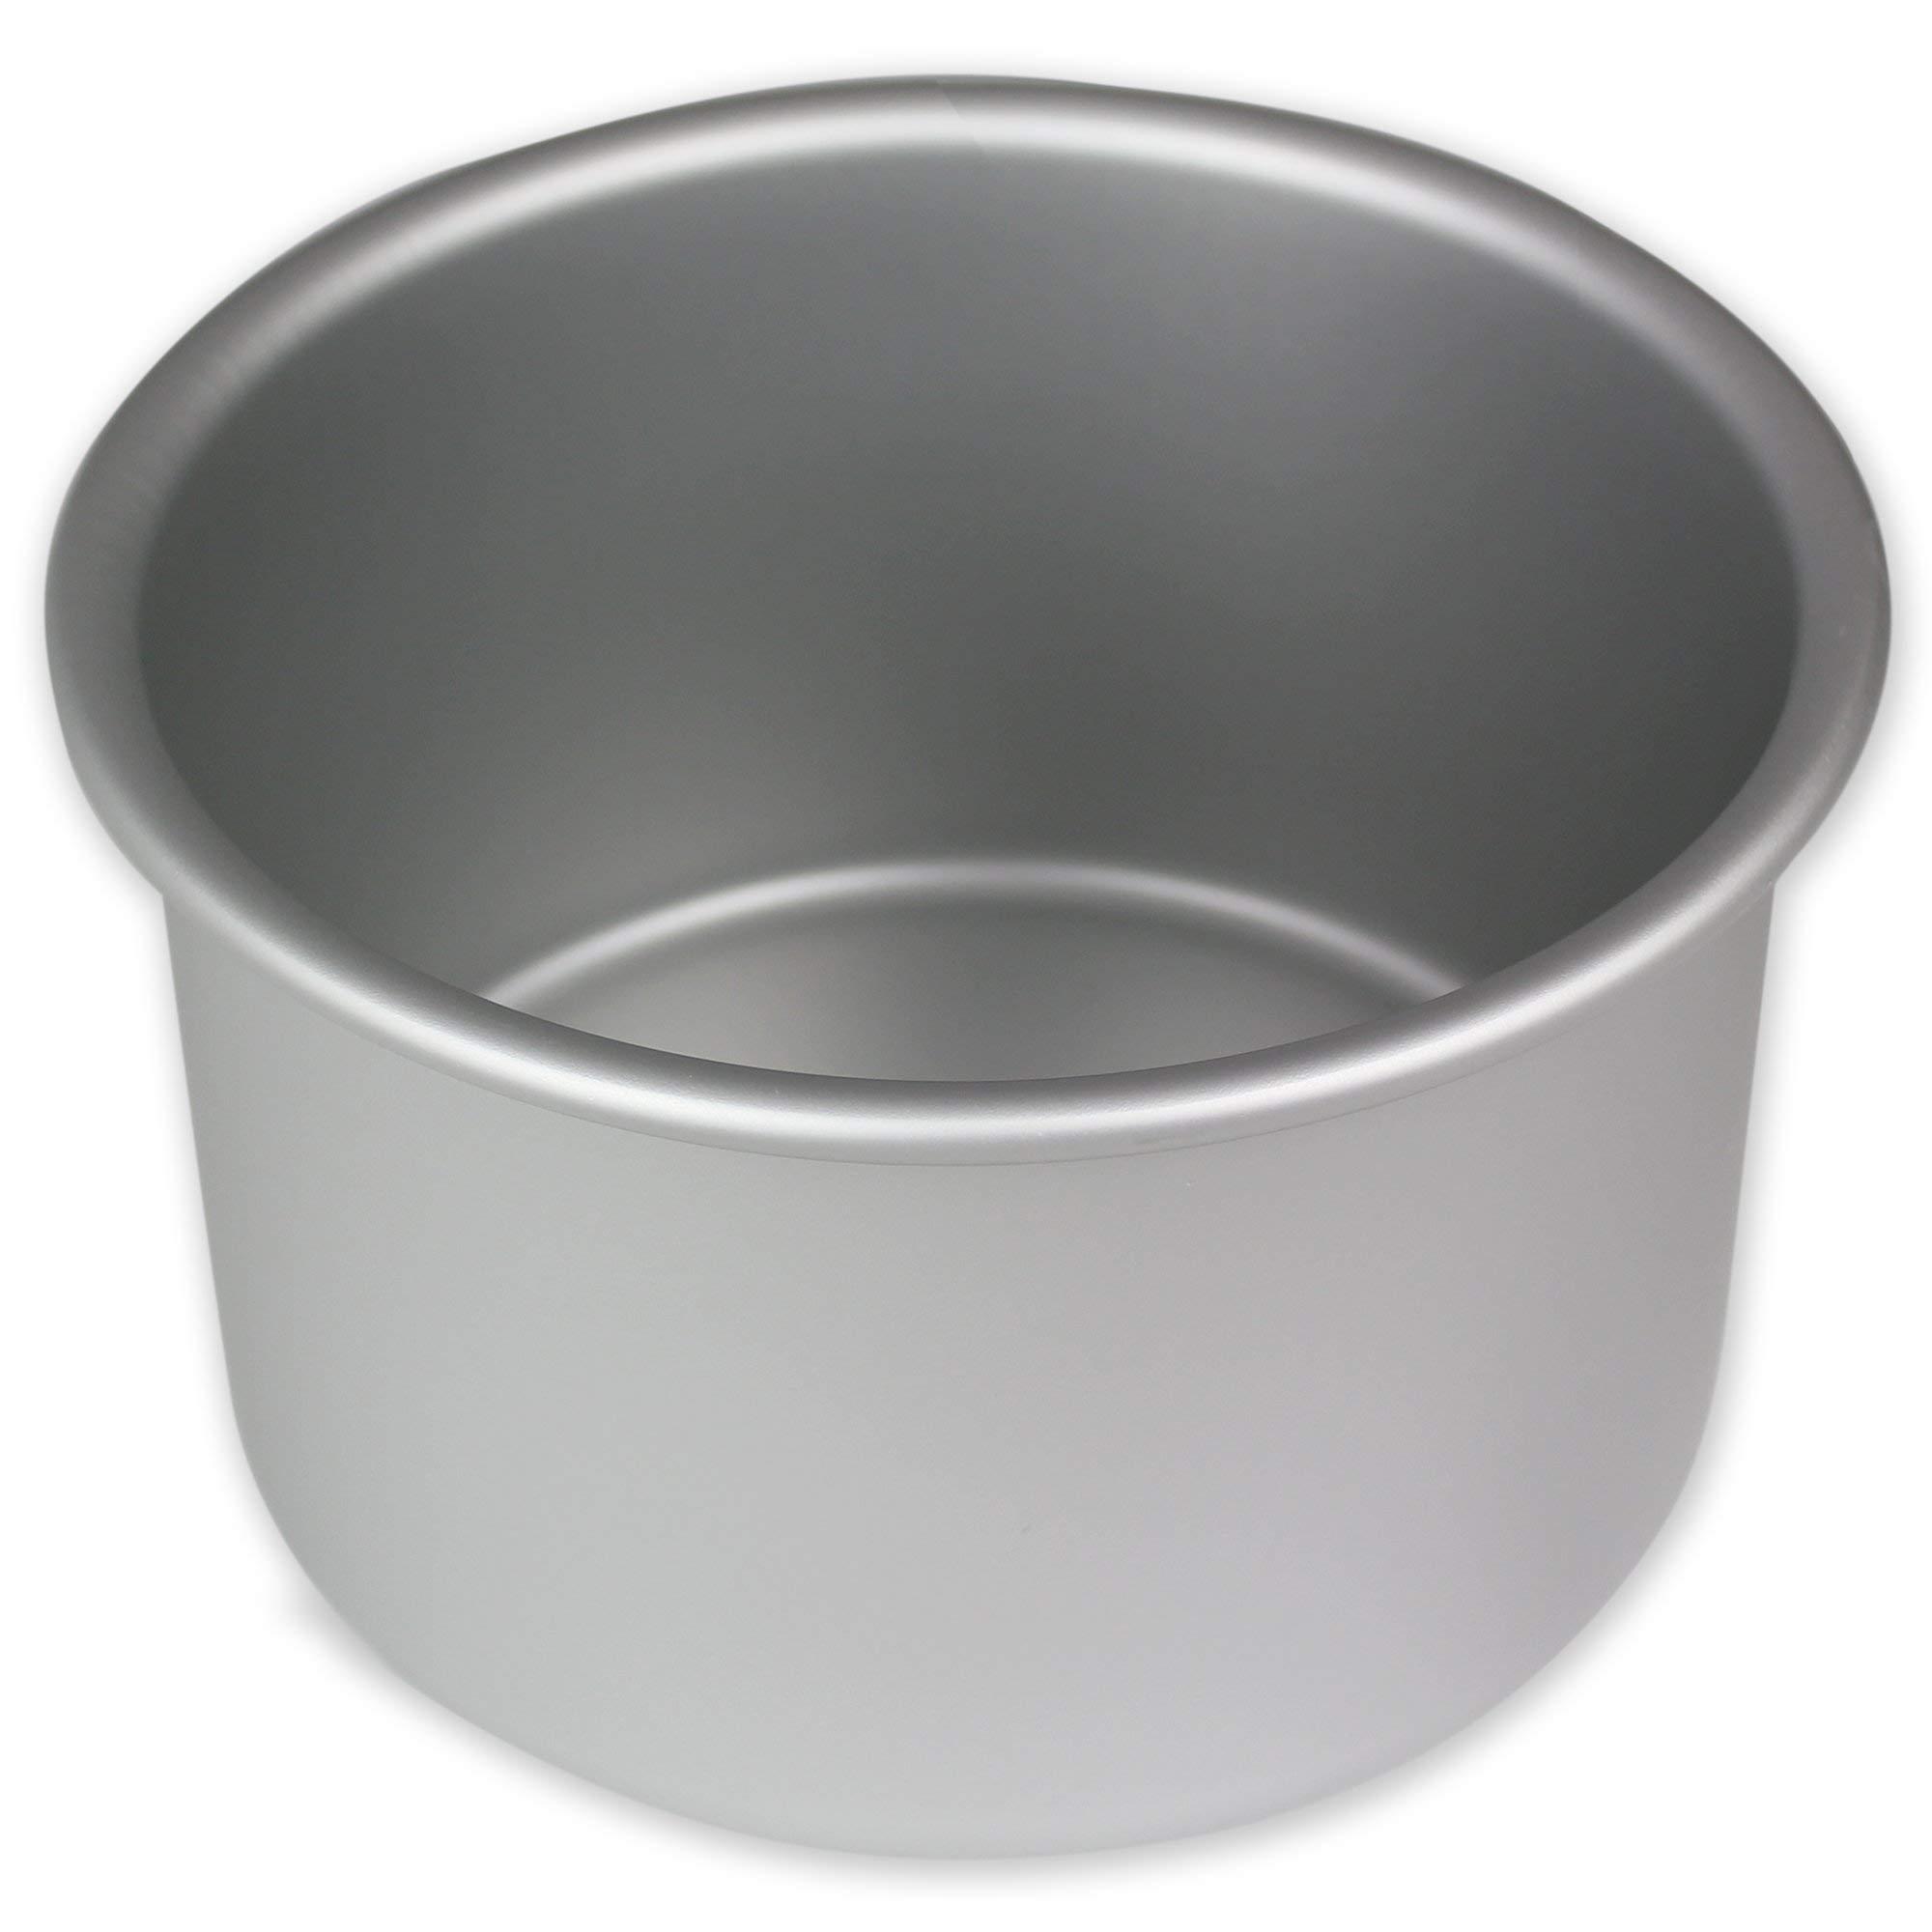 PME Molde para Pastel Redondo de Aluminio Anodizado Profundidad de 6 x 3-Pulgadas product